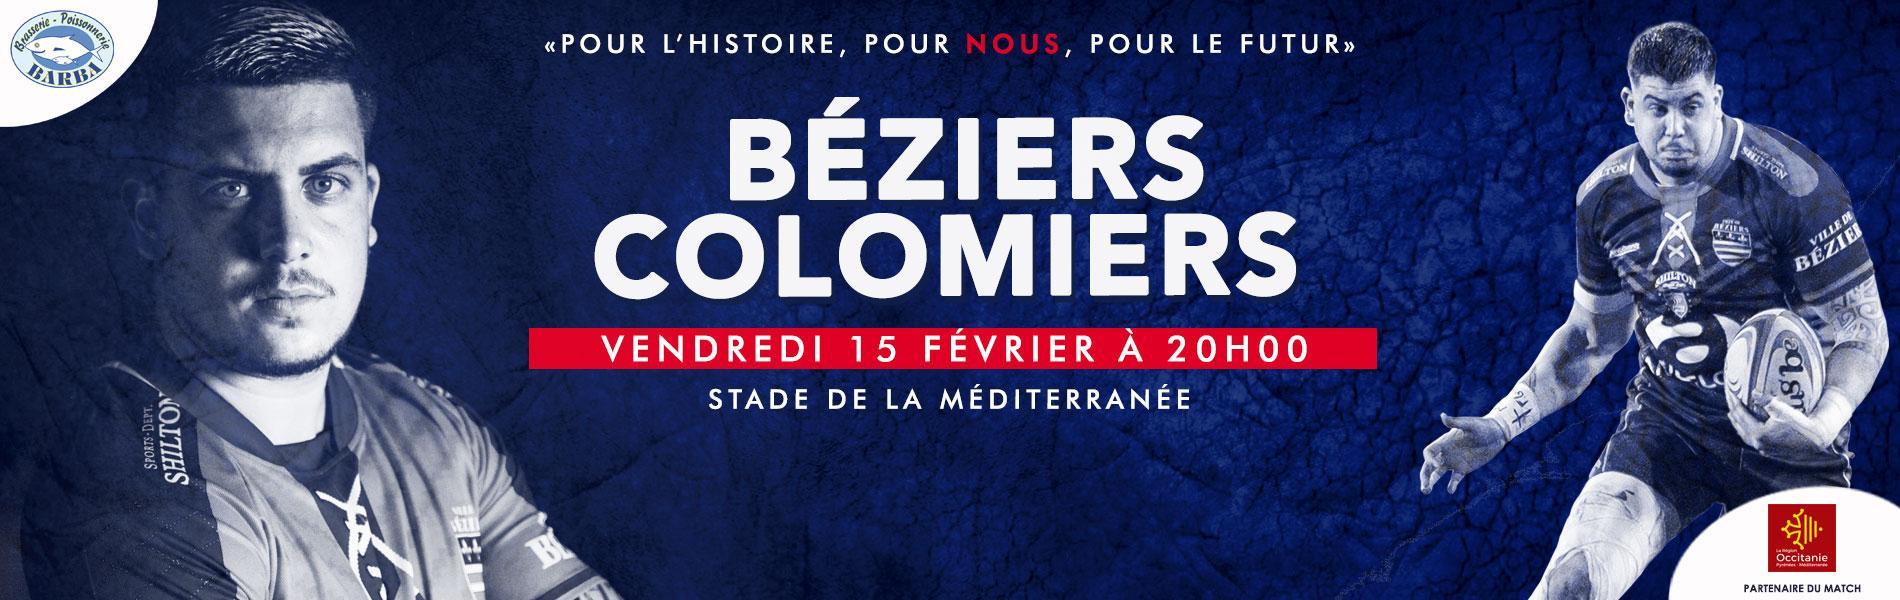 Image Prochain match à domicile : Béziers - Colomiers